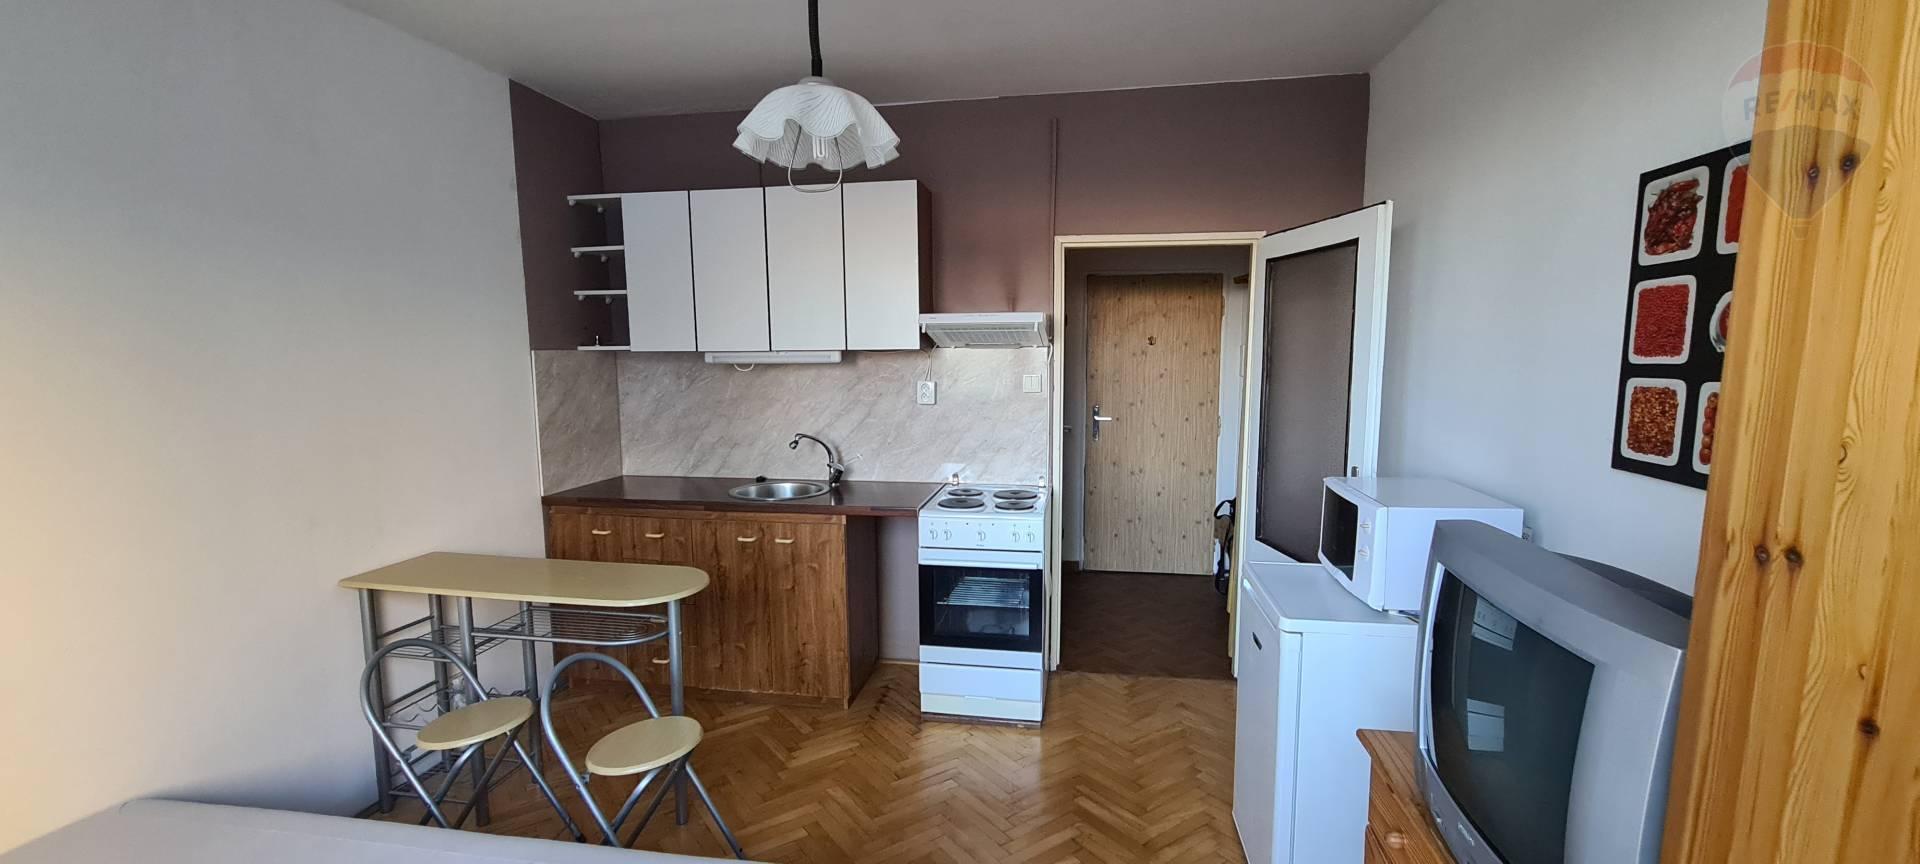 Predaj byt (Garsónka) Nitra- Chrenová EXKLUZÍVNE